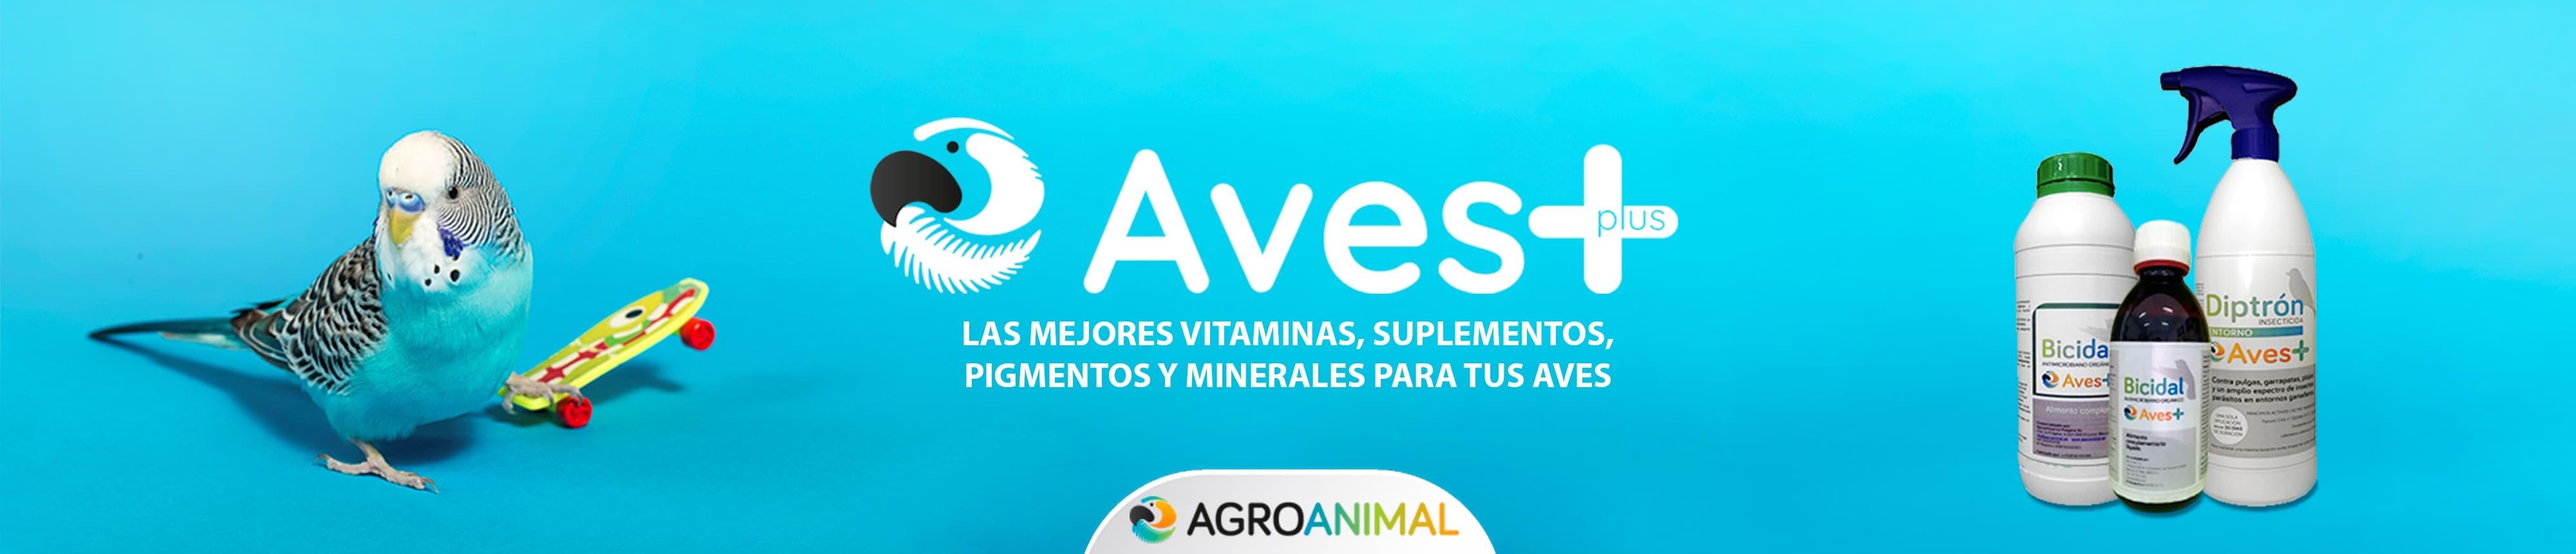 Vitaminas y suplementos para aves marca Aves+